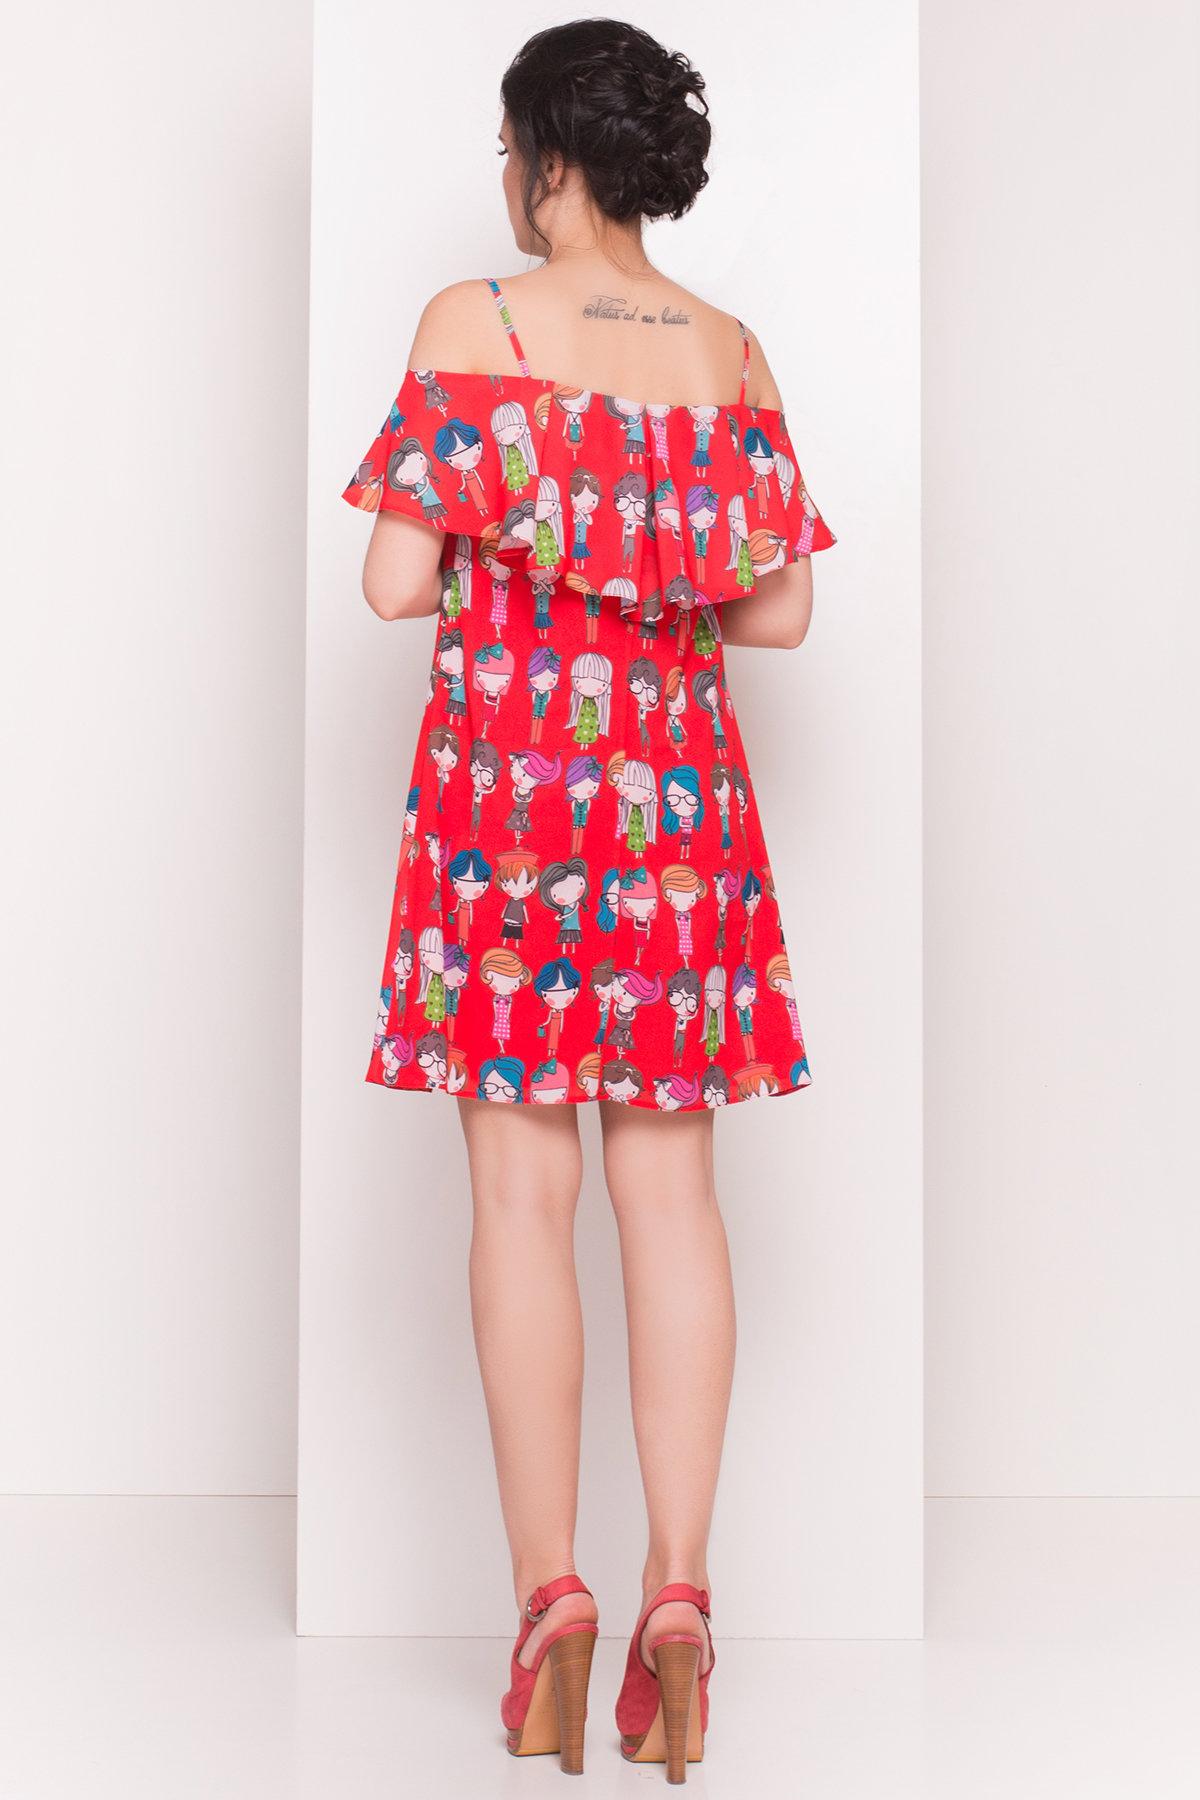 TW Платье Восток 5119 АРТ. 35893 Цвет: Красный/Разноцветный молодежь - фото 3, интернет магазин tm-modus.ru